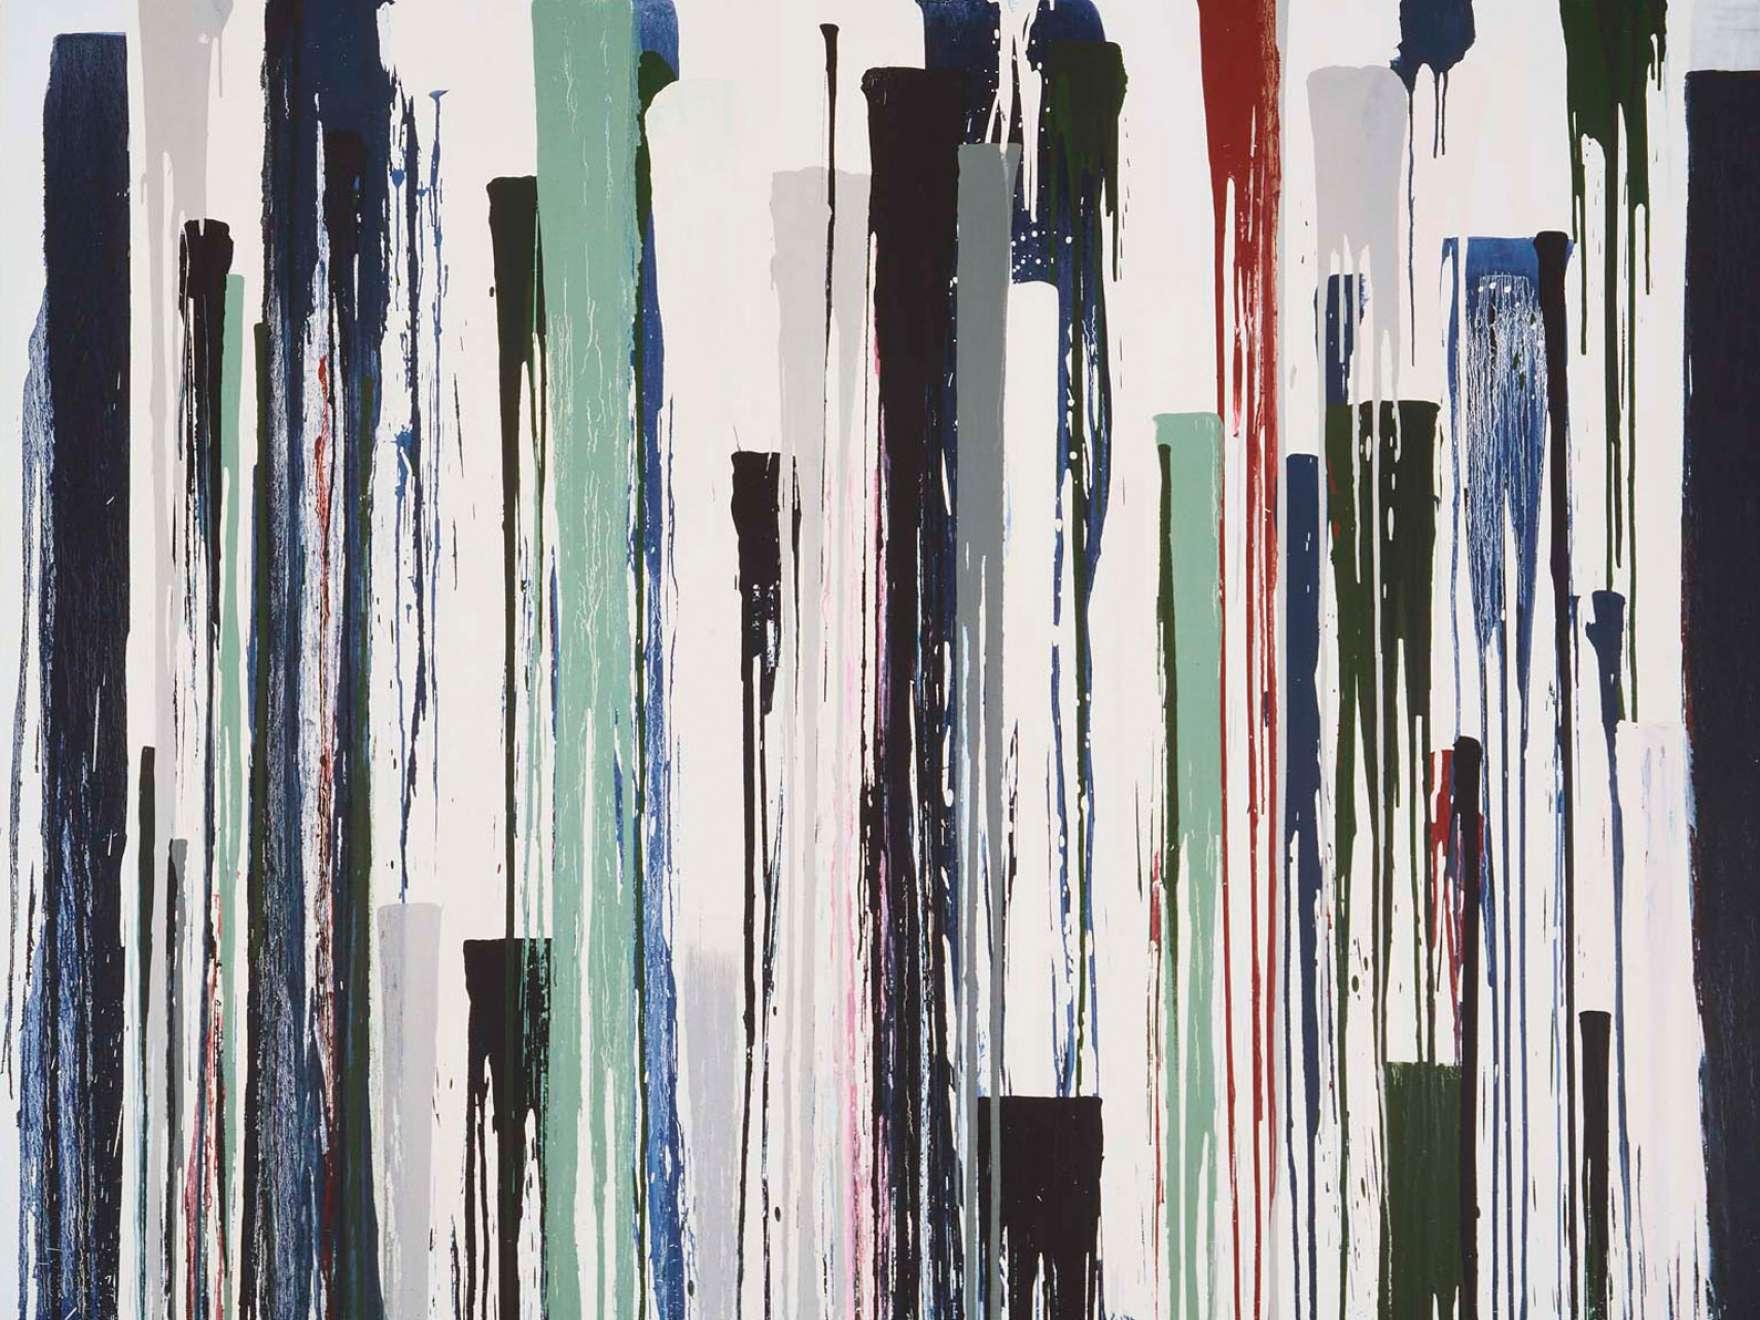 Jacqueline Humphries, Antic (detail), 1994